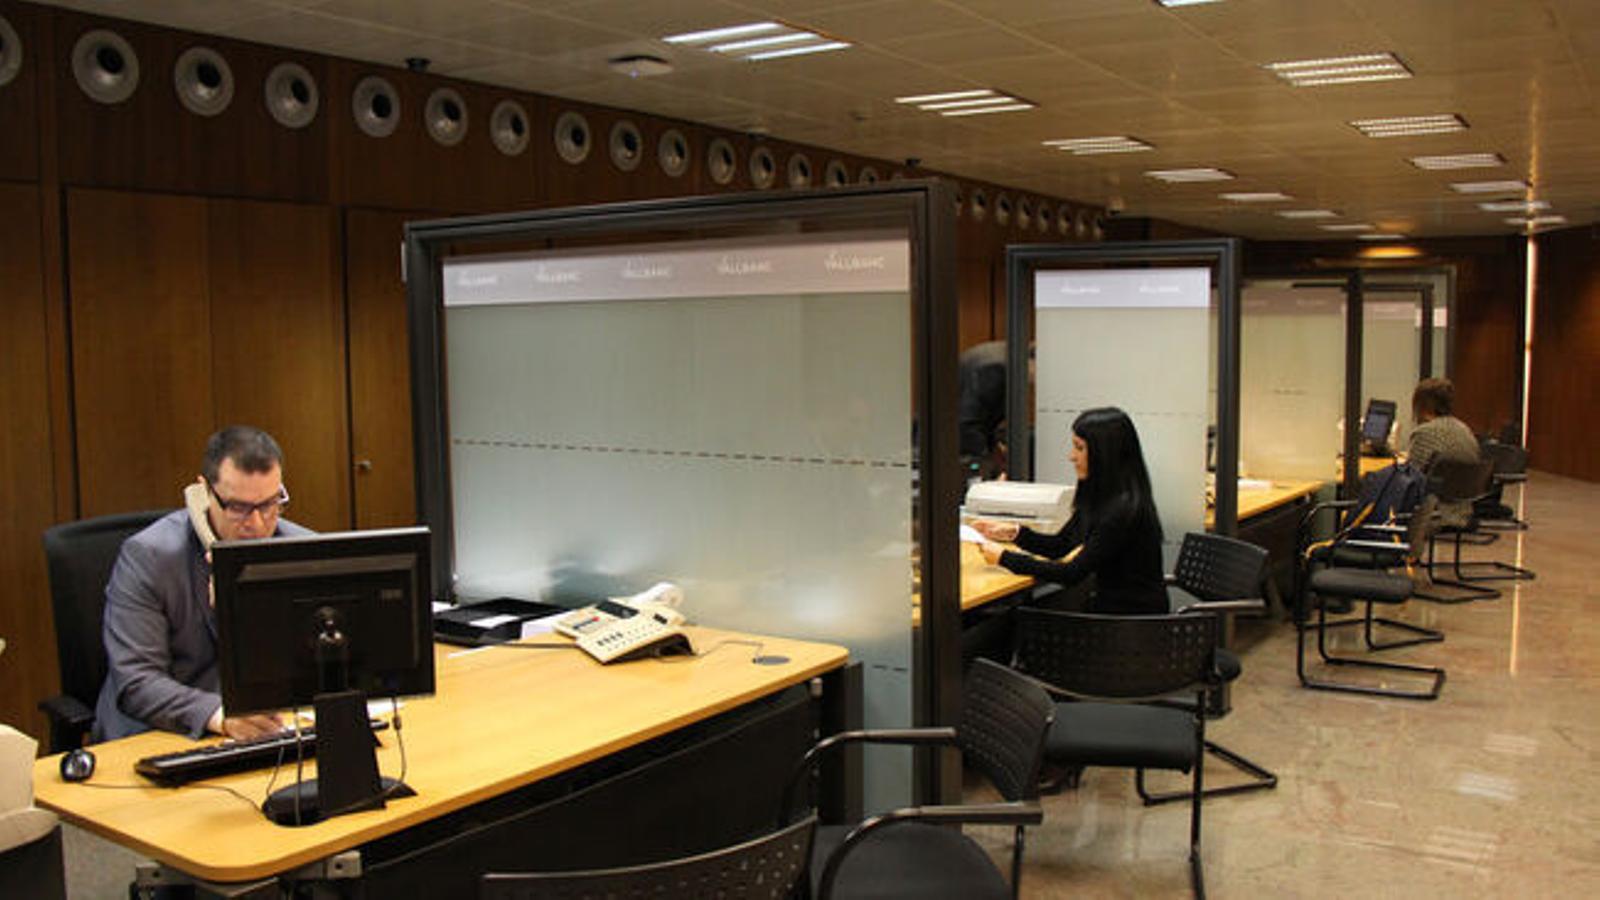 Una entitat bancària, en una imatge d'arxiu. / ARXIU ANA